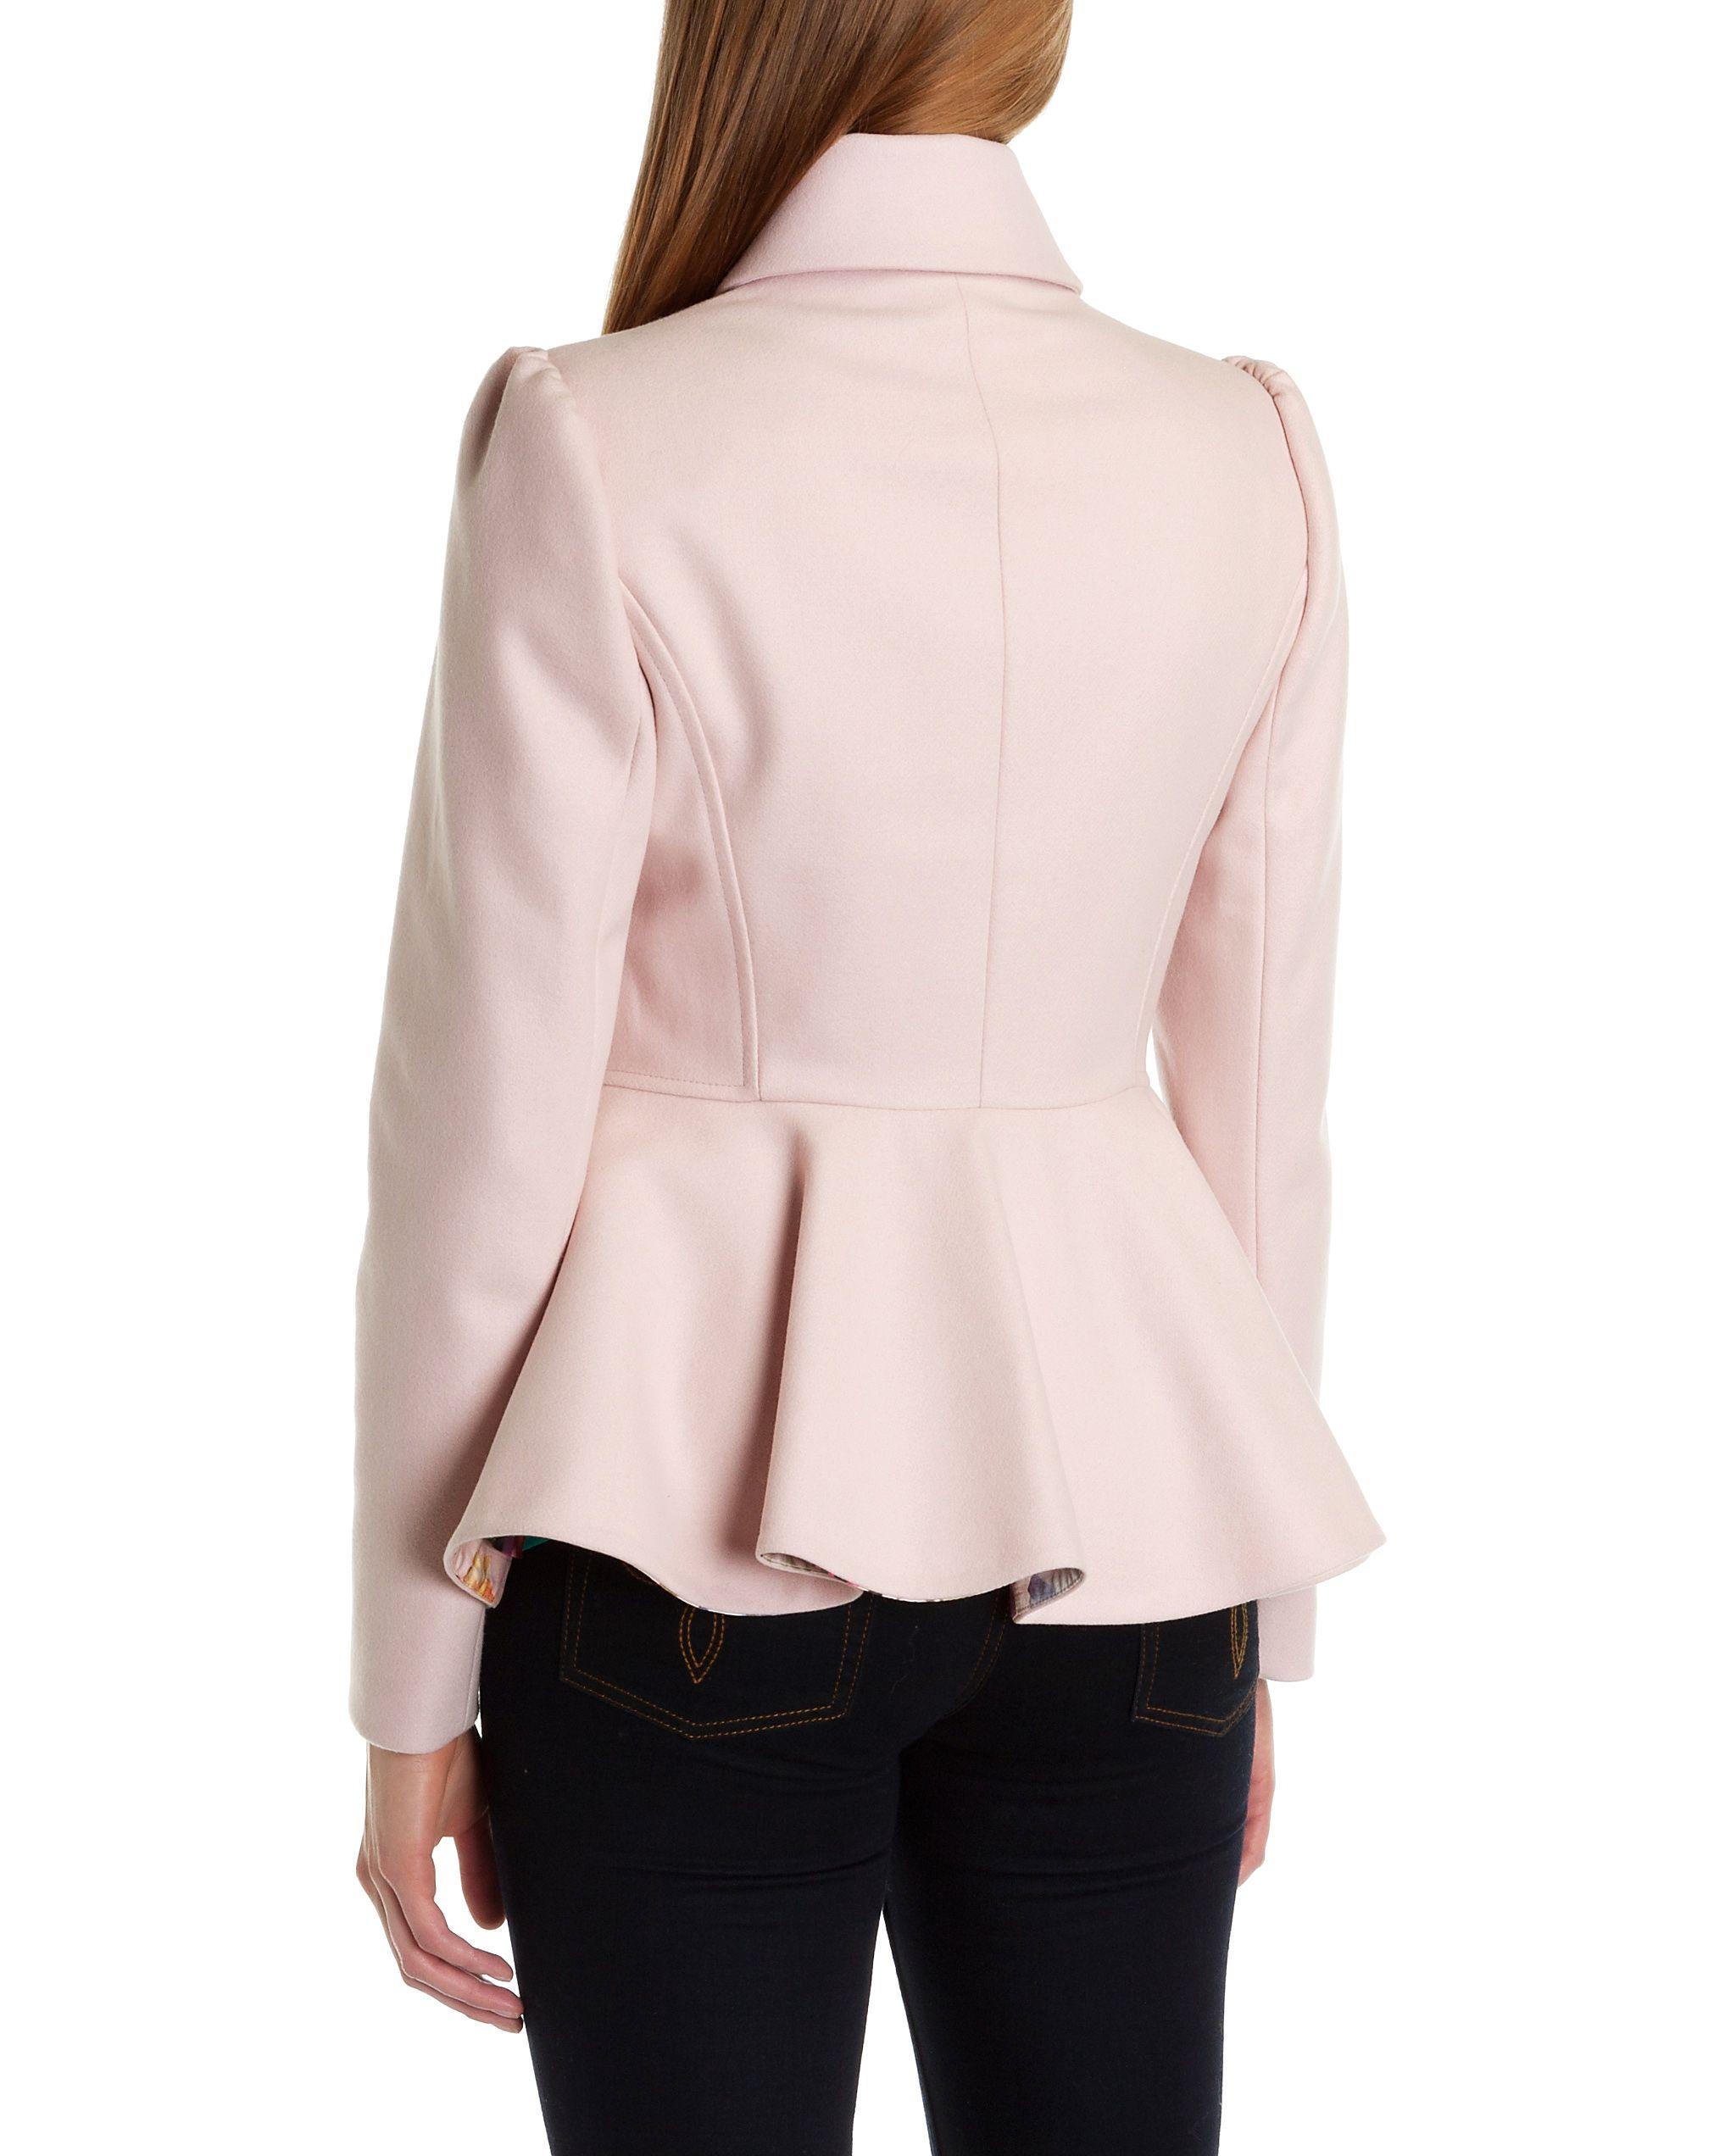 Ted baker Sollel Short Peplum Coat in Pink | Lyst